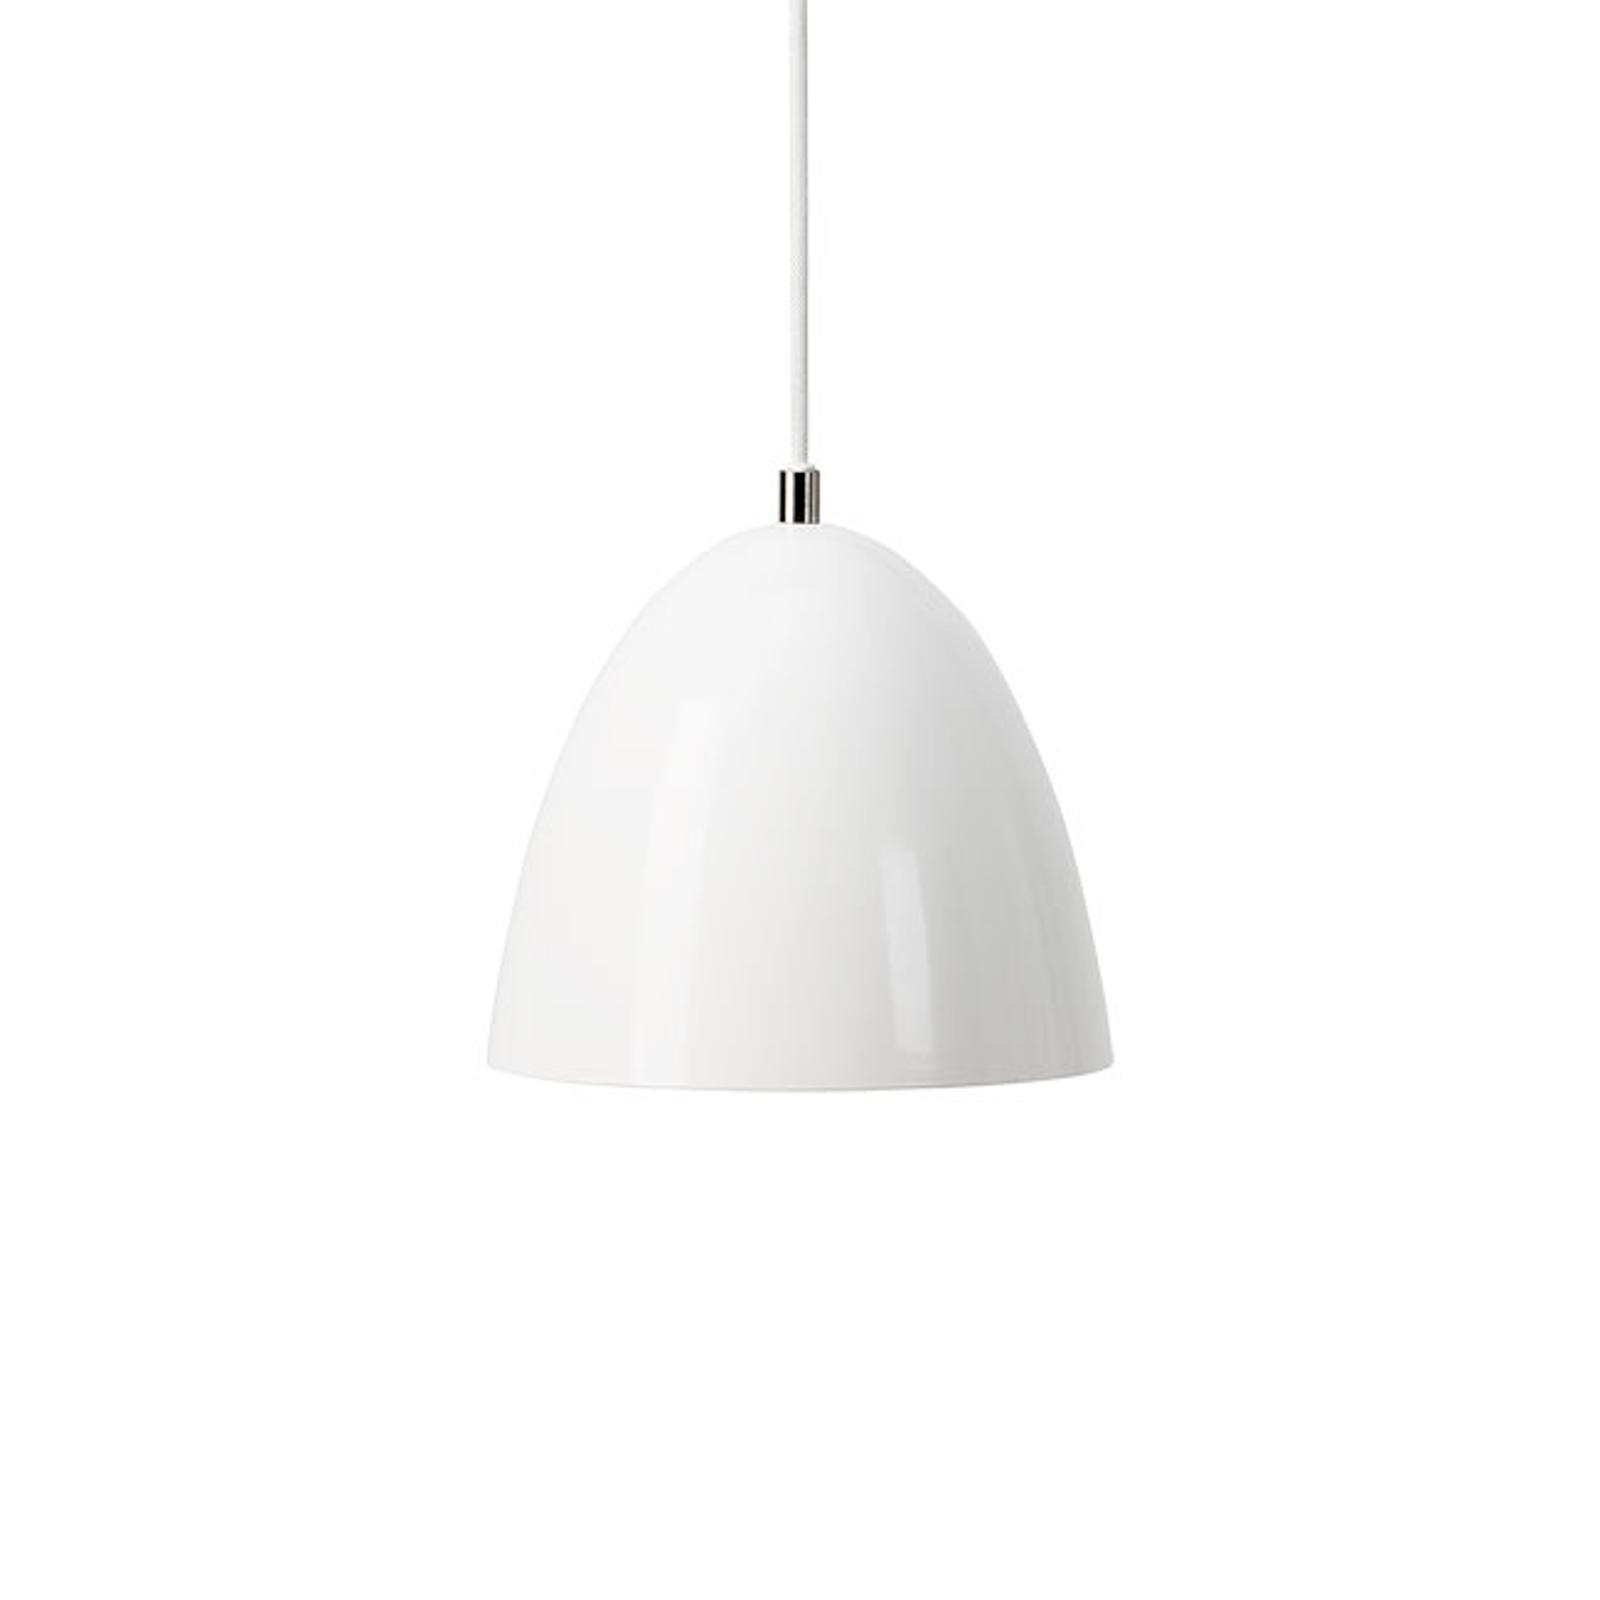 Lampa wisząca LED Eas, Ø 24 cm, 3000K, biała